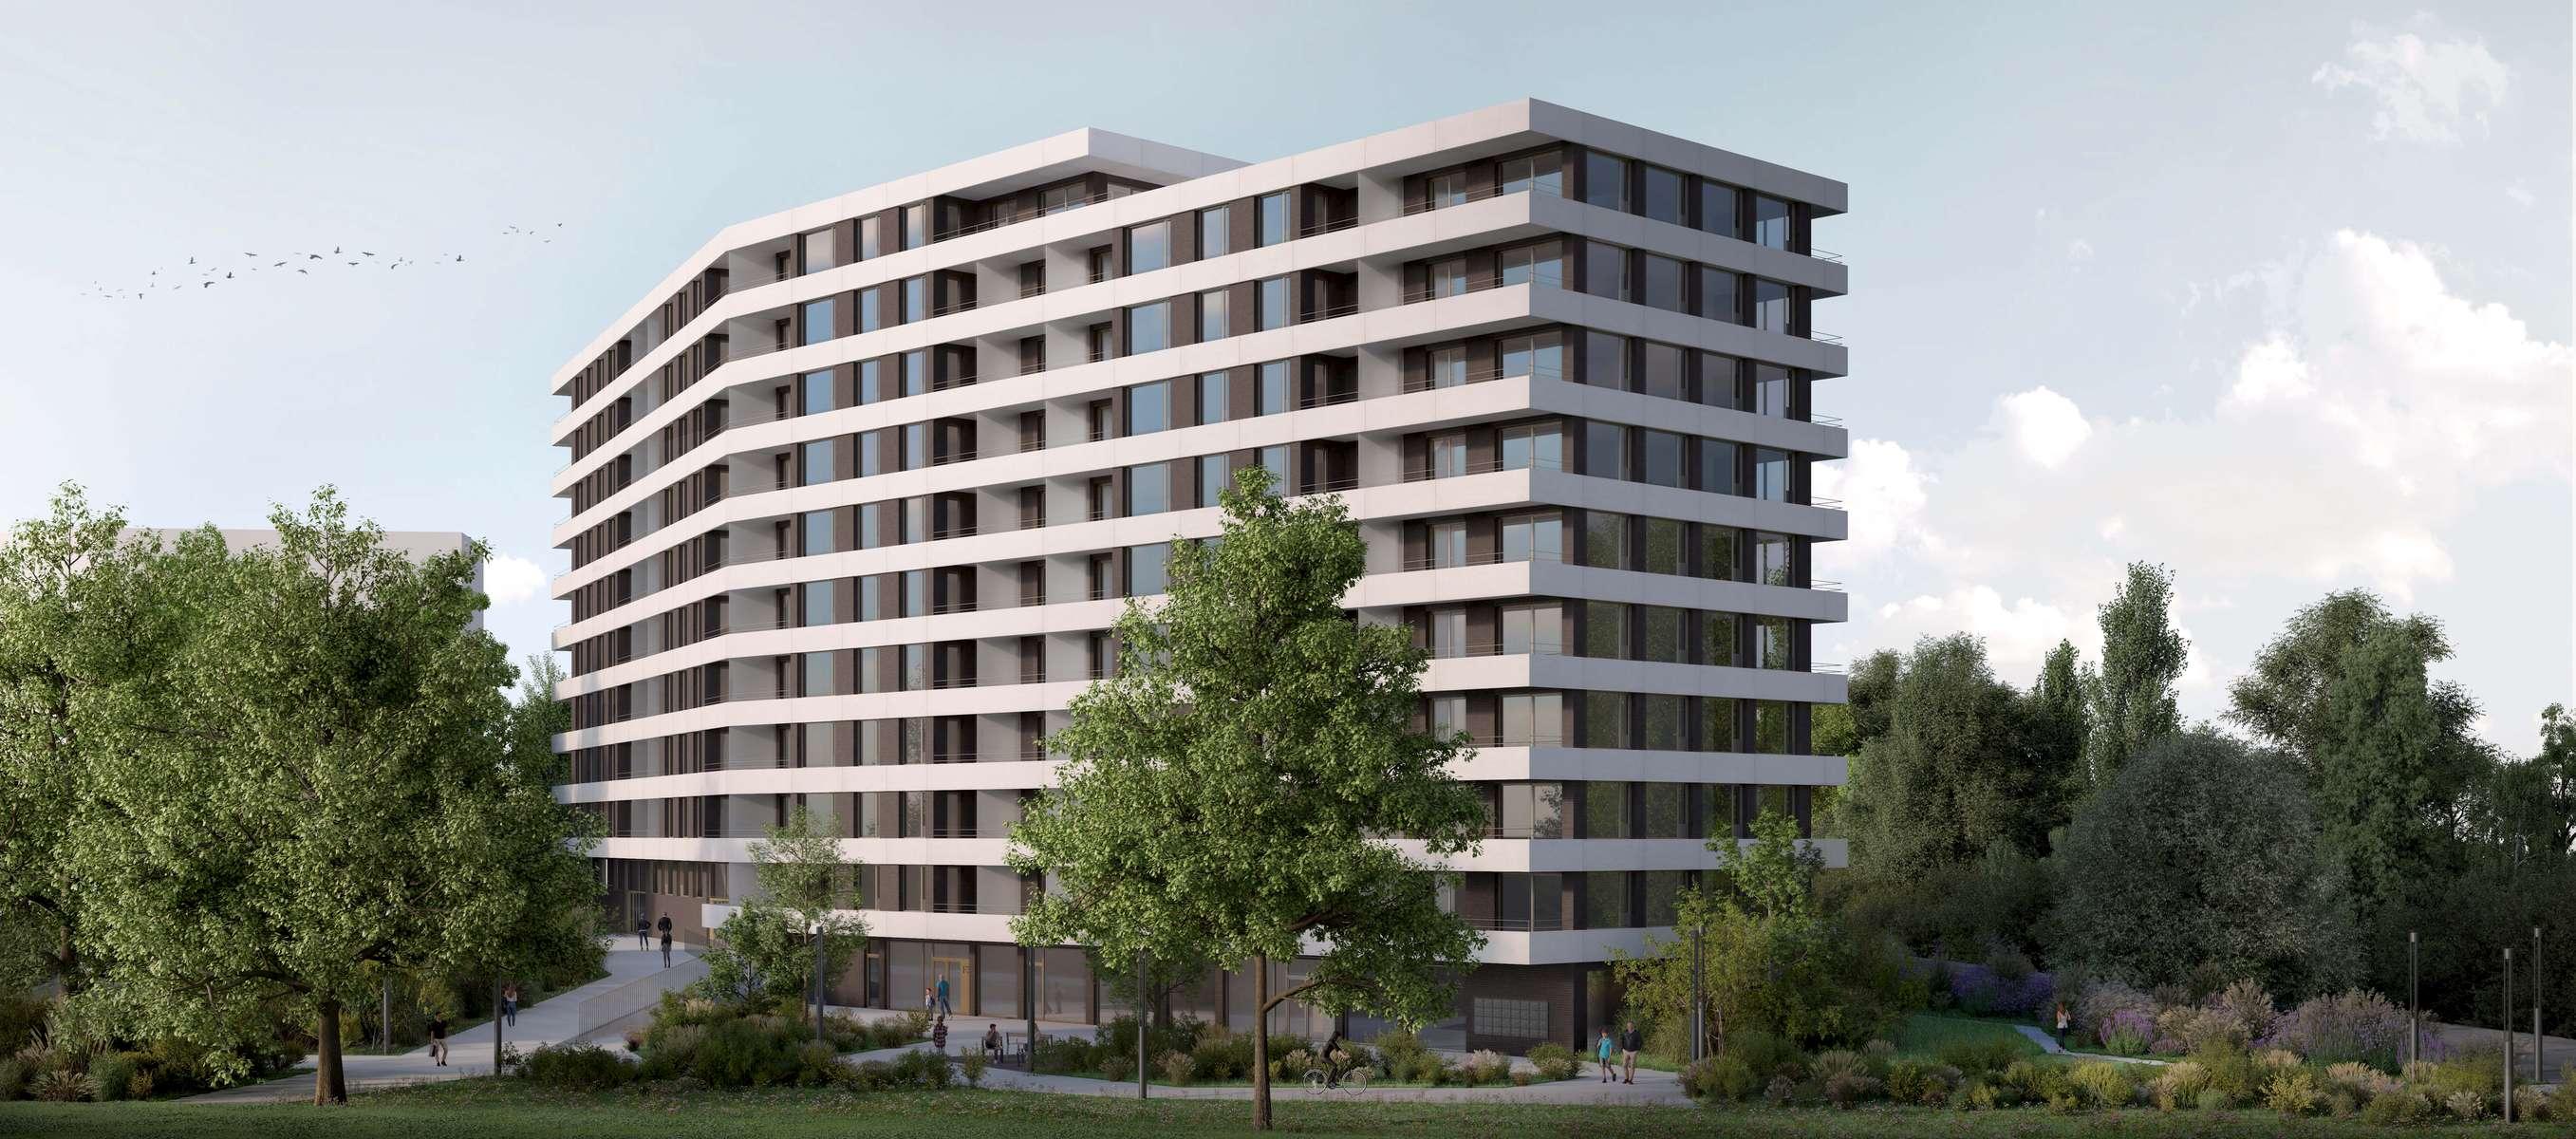 (ris+partenaires 2017)Projet: Bâtiment de logements, commerces et parking souterrainGenève - Suisse Surface: 12'500 m2 Chef de projet:Raoul FrauenfelderMandat: Projet et construction